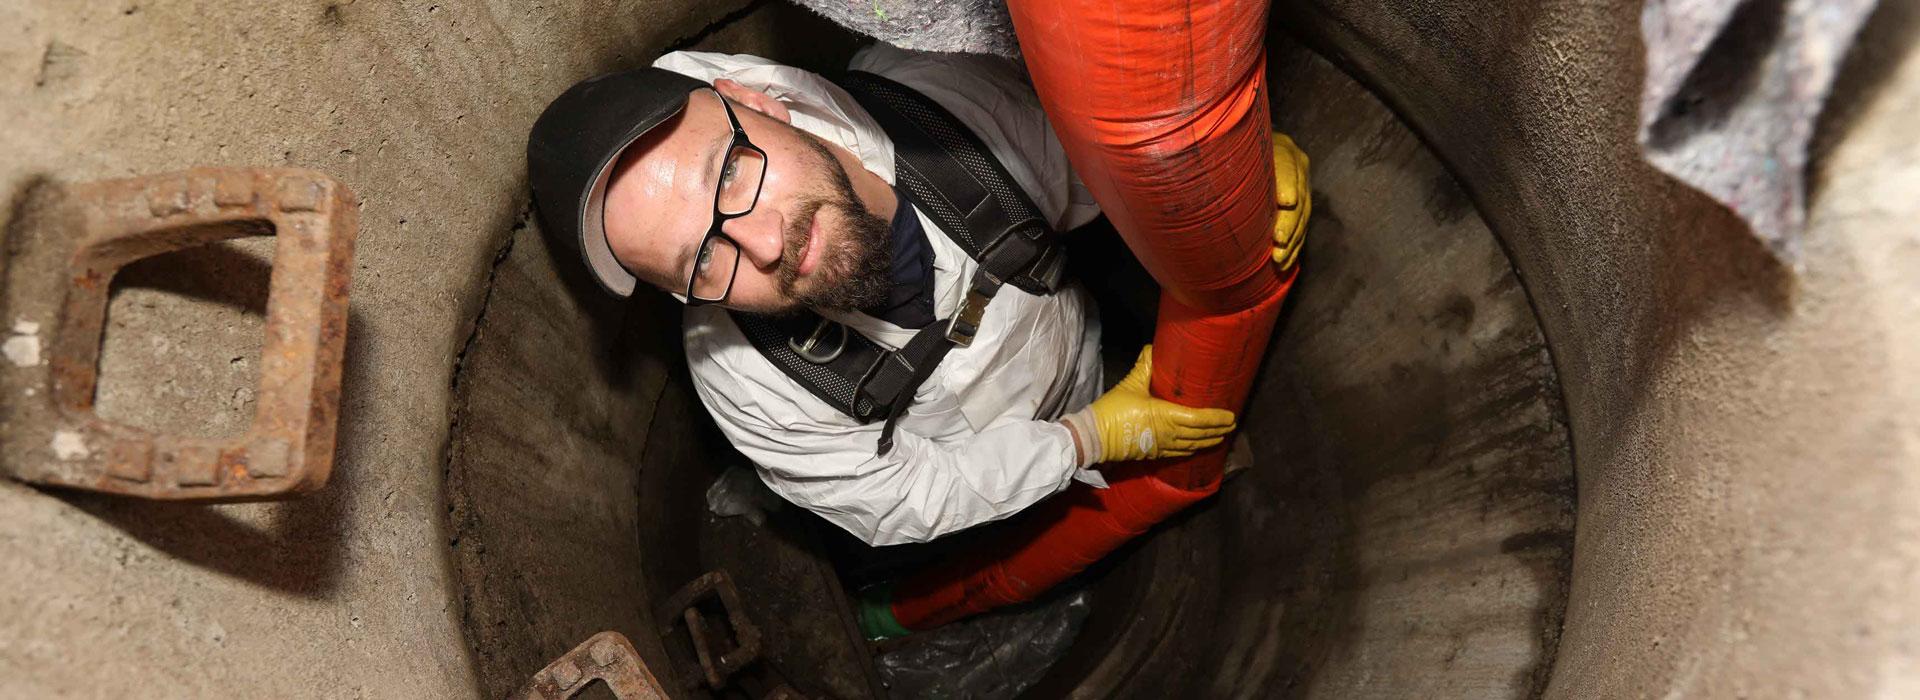 Rohrreinigung gegen verstopftes Abwasser